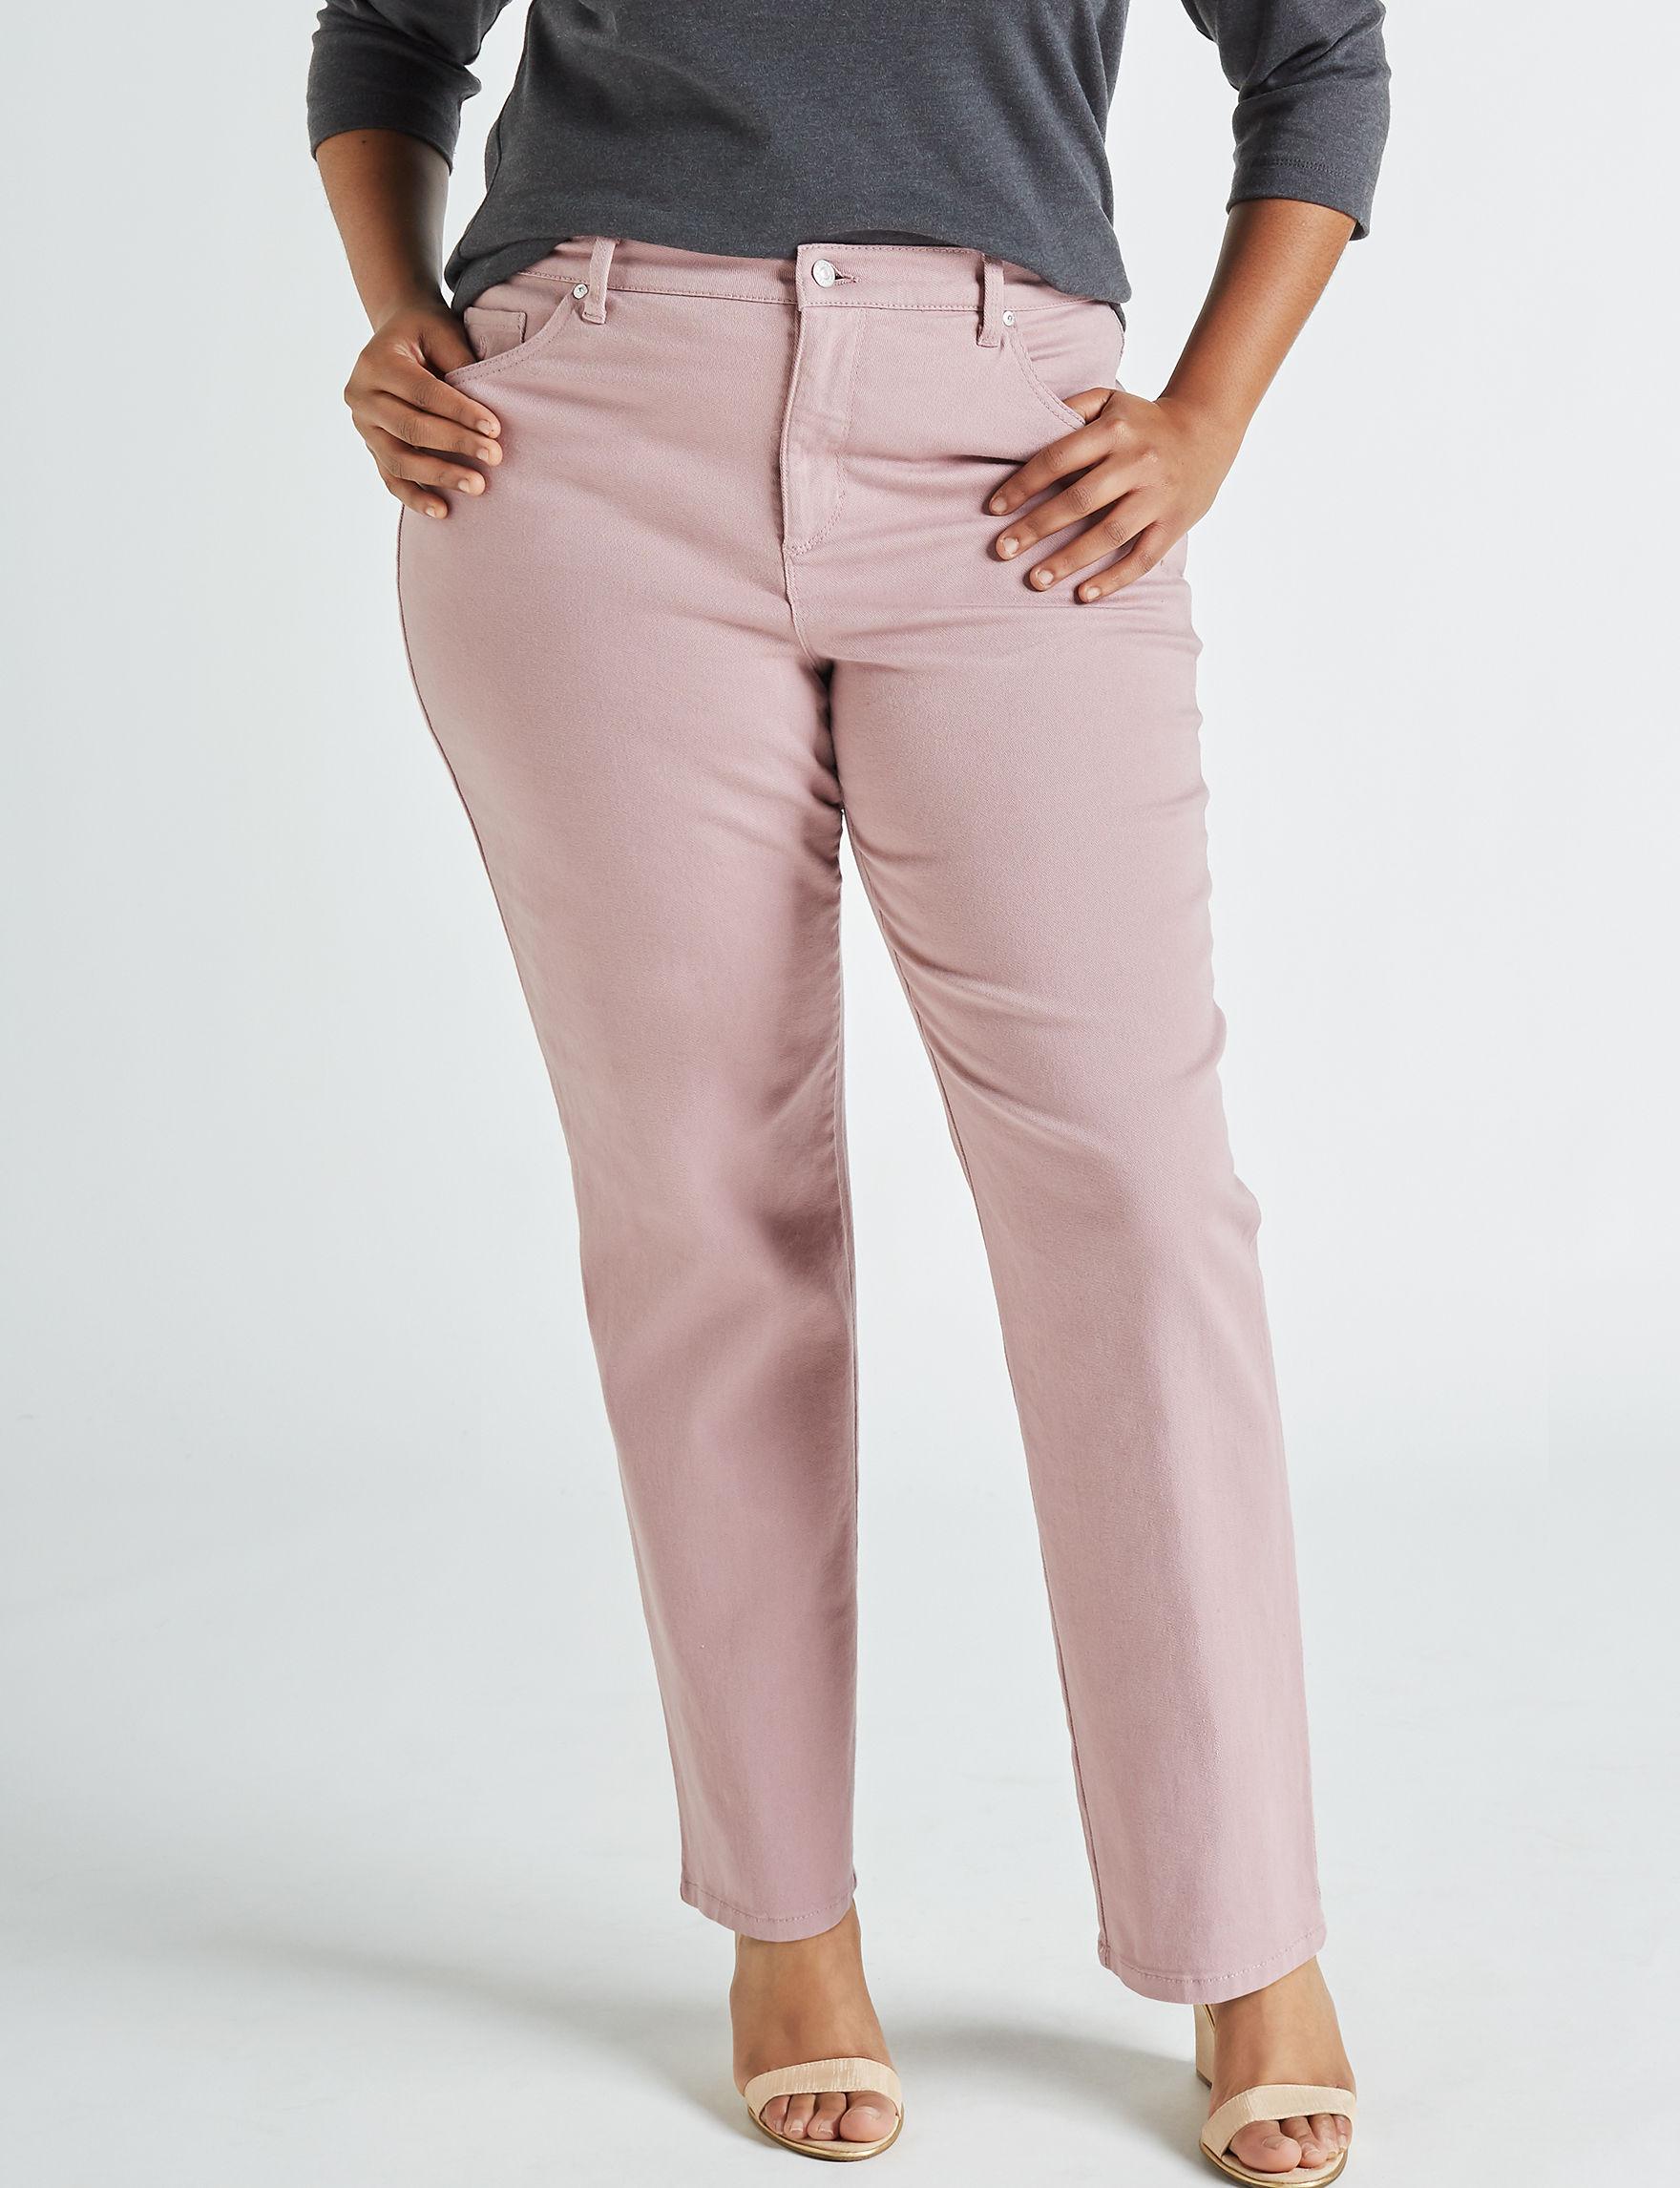 ad9c662795a Gloria Vanderbilt Plus-size Amanda Classic Average Length Jeans